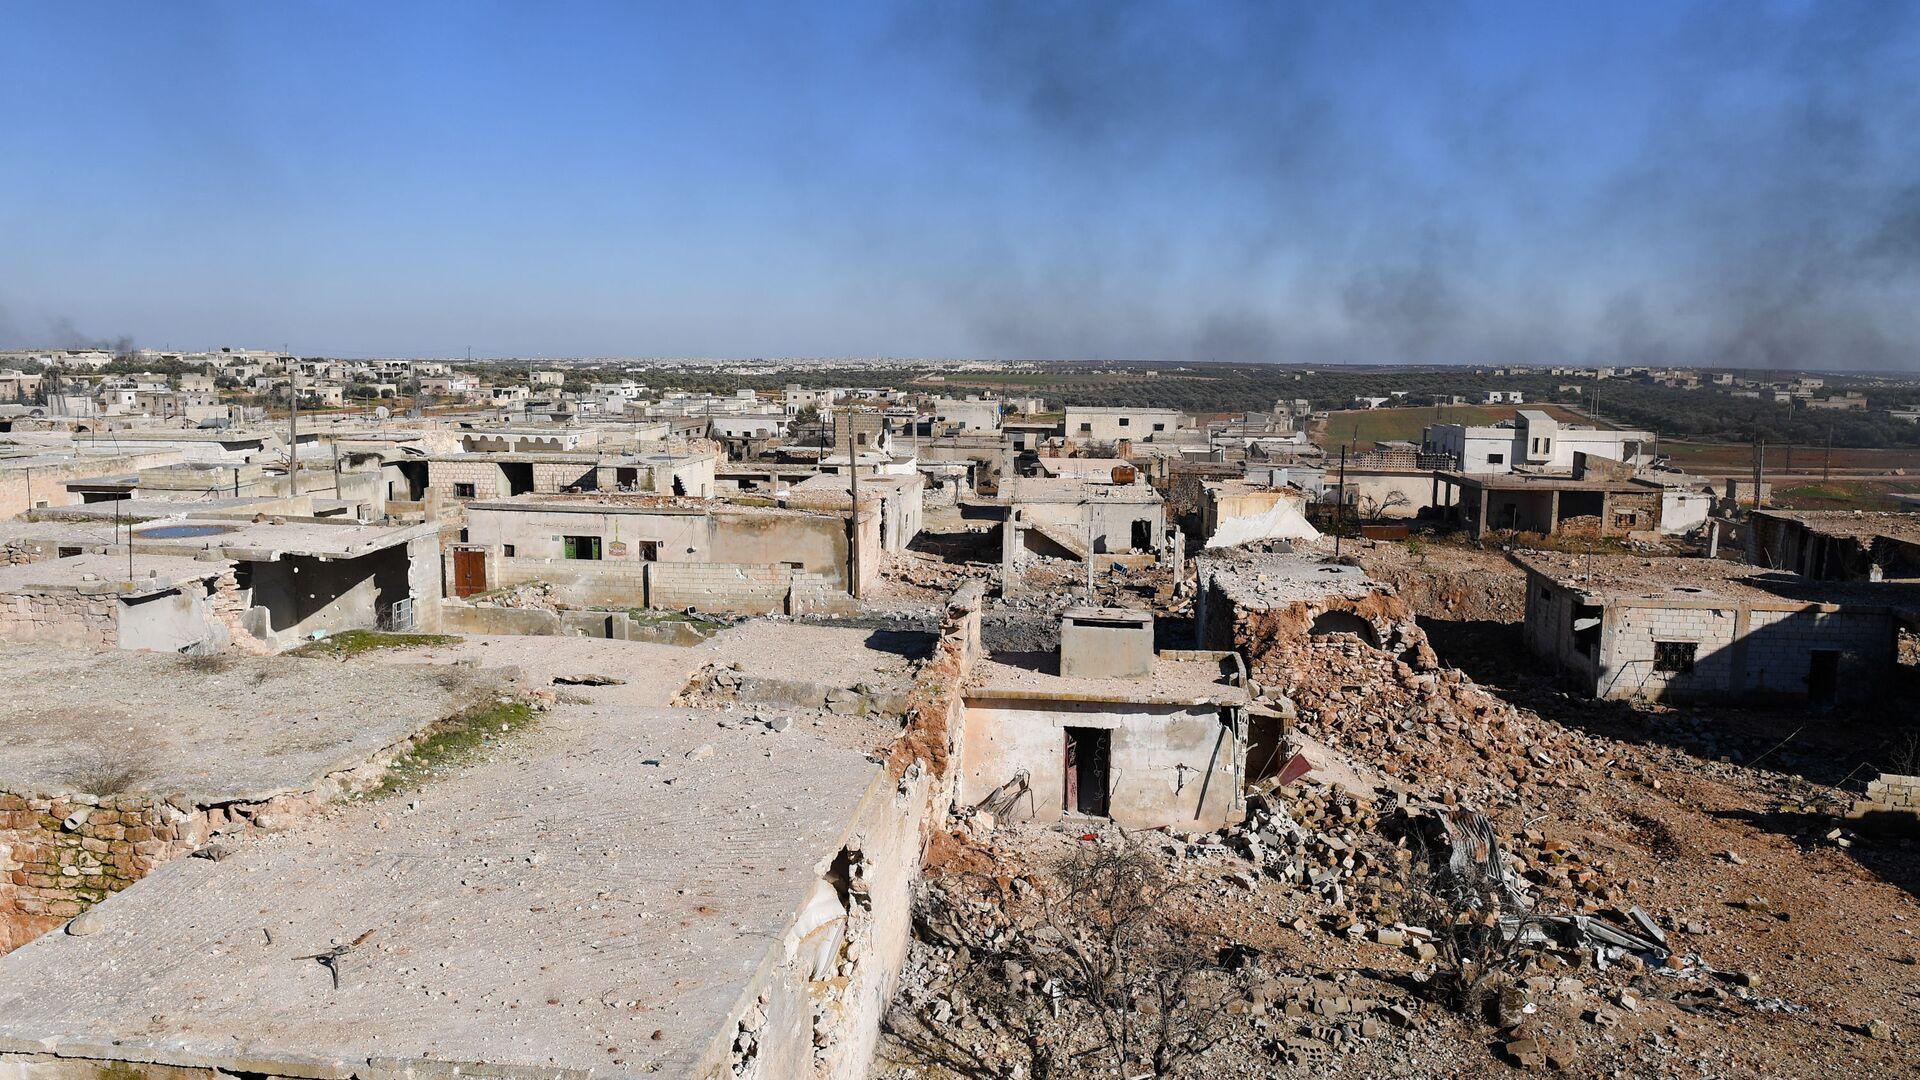 Situazione nella provincia siriana di Idlib - Sputnik Italia, 1920, 23.06.2021